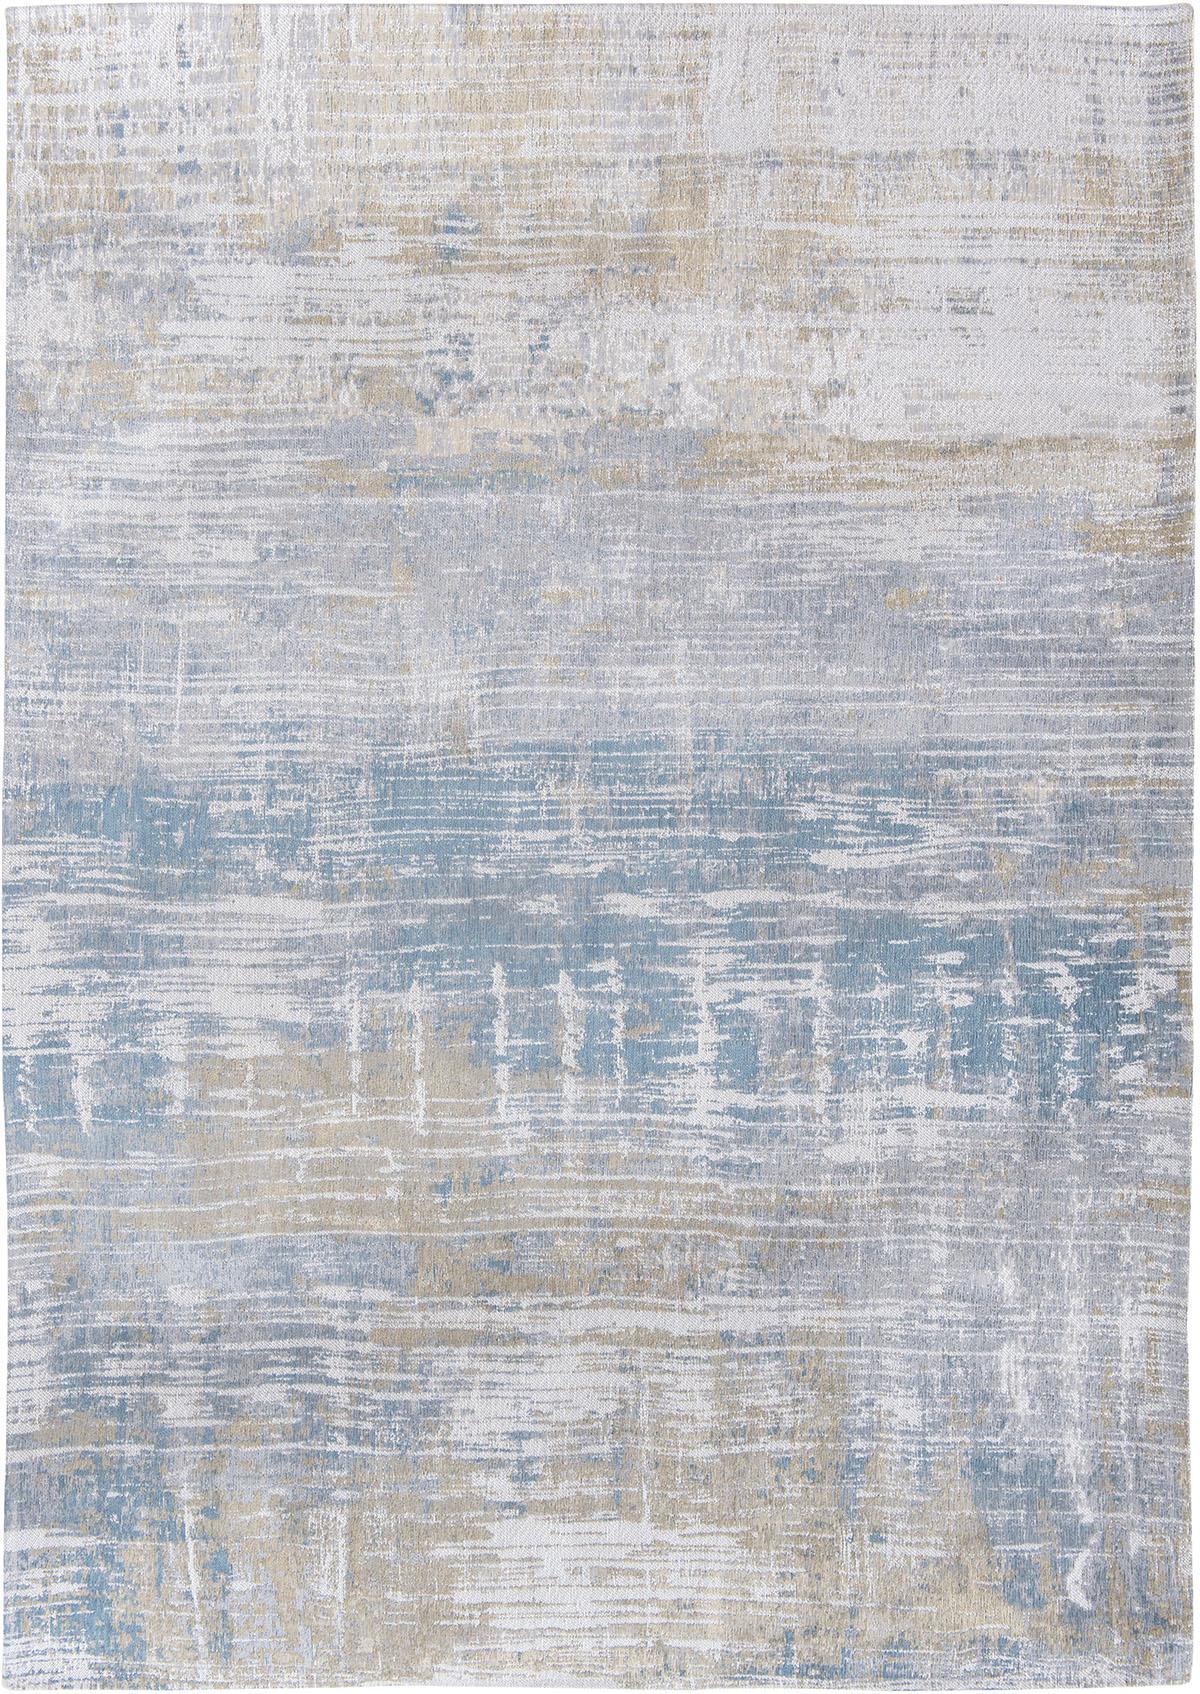 Beżowo Niebieski Dywan Nowoczesny - LONG ISLAND BLUE 8718 - Rozmiar: 230x330 cm